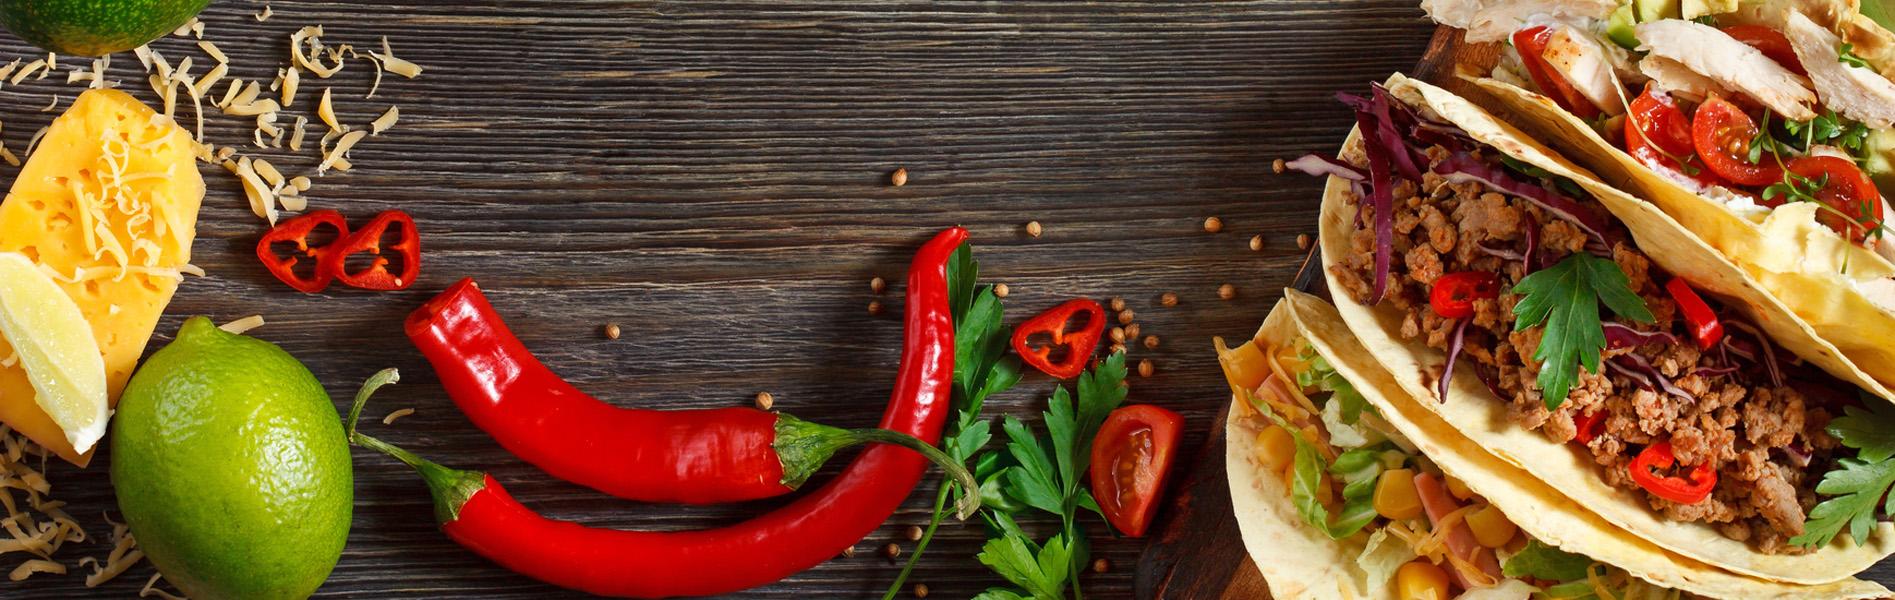 Unikorn Catering München - Südamerikanisches Fingerfood